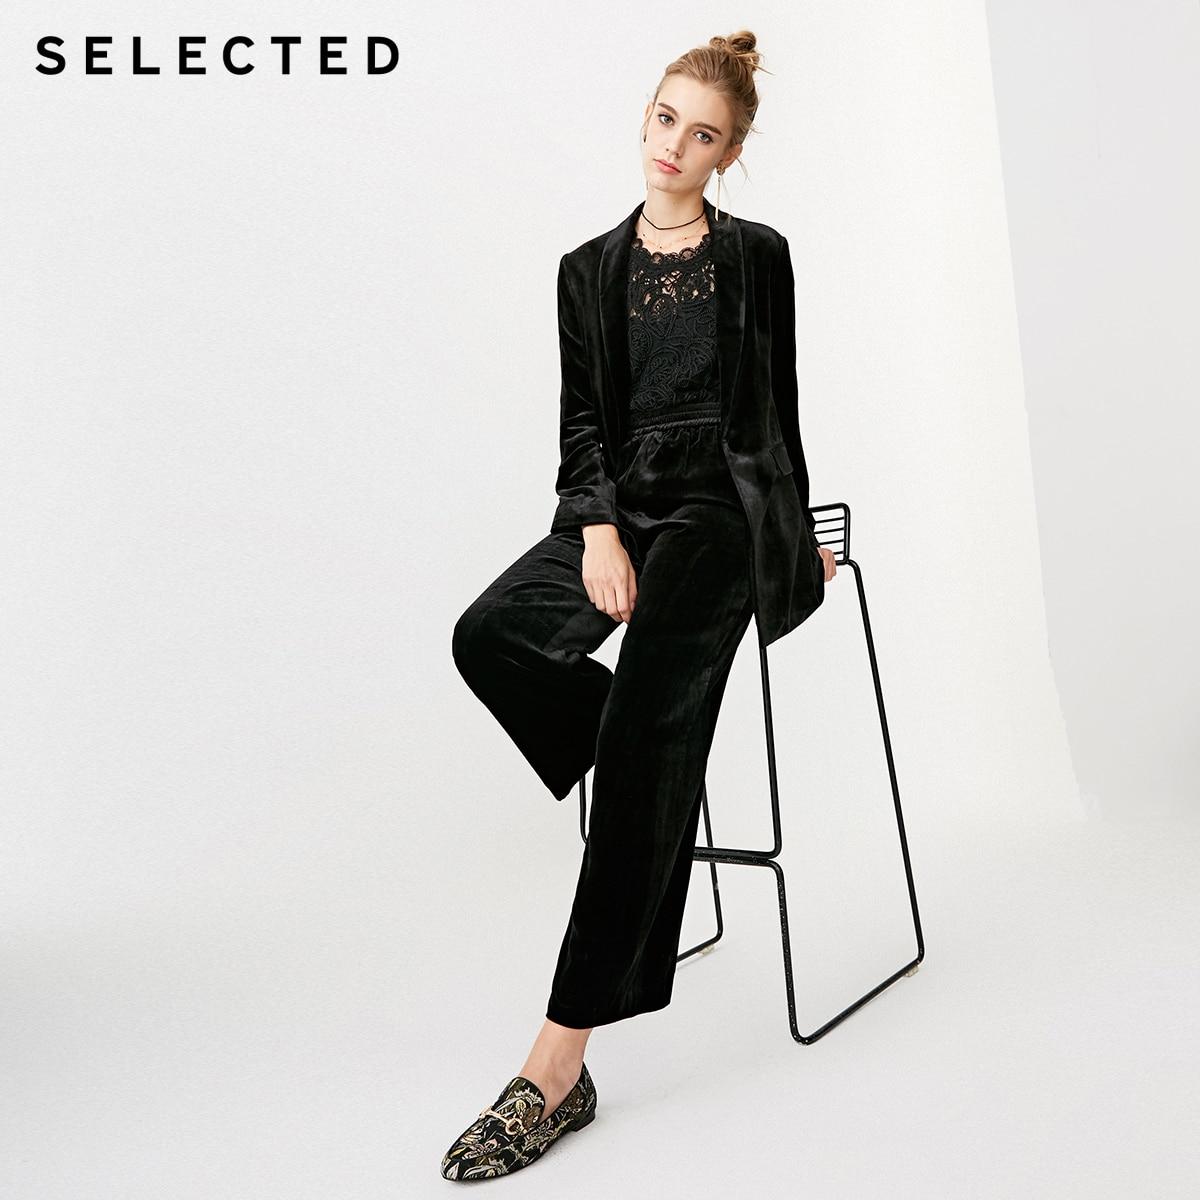 Wybrane kobiet czysty kolor aksamitna luźne Fit elastyczne spodnie na co dzień S  418414553 w Spodnie i spodnie capri od Odzież damska na  Grupa 2